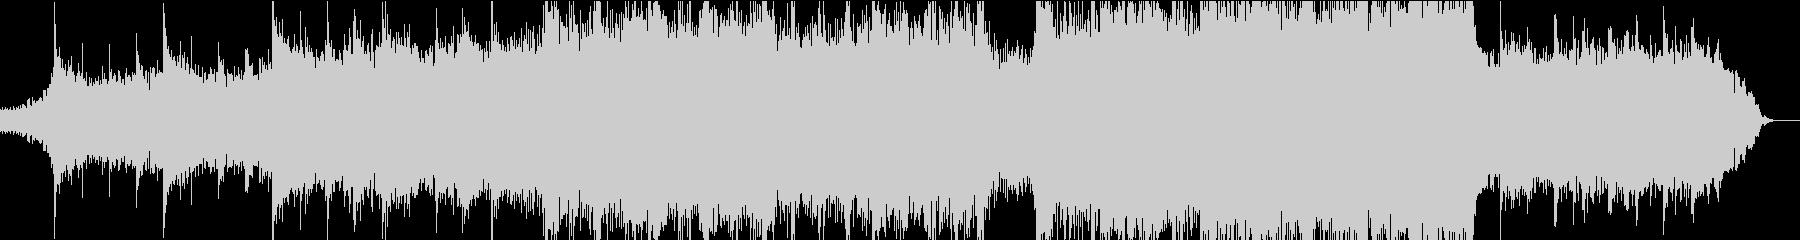 エレクトロ 交響曲 プログレッシブ...の未再生の波形